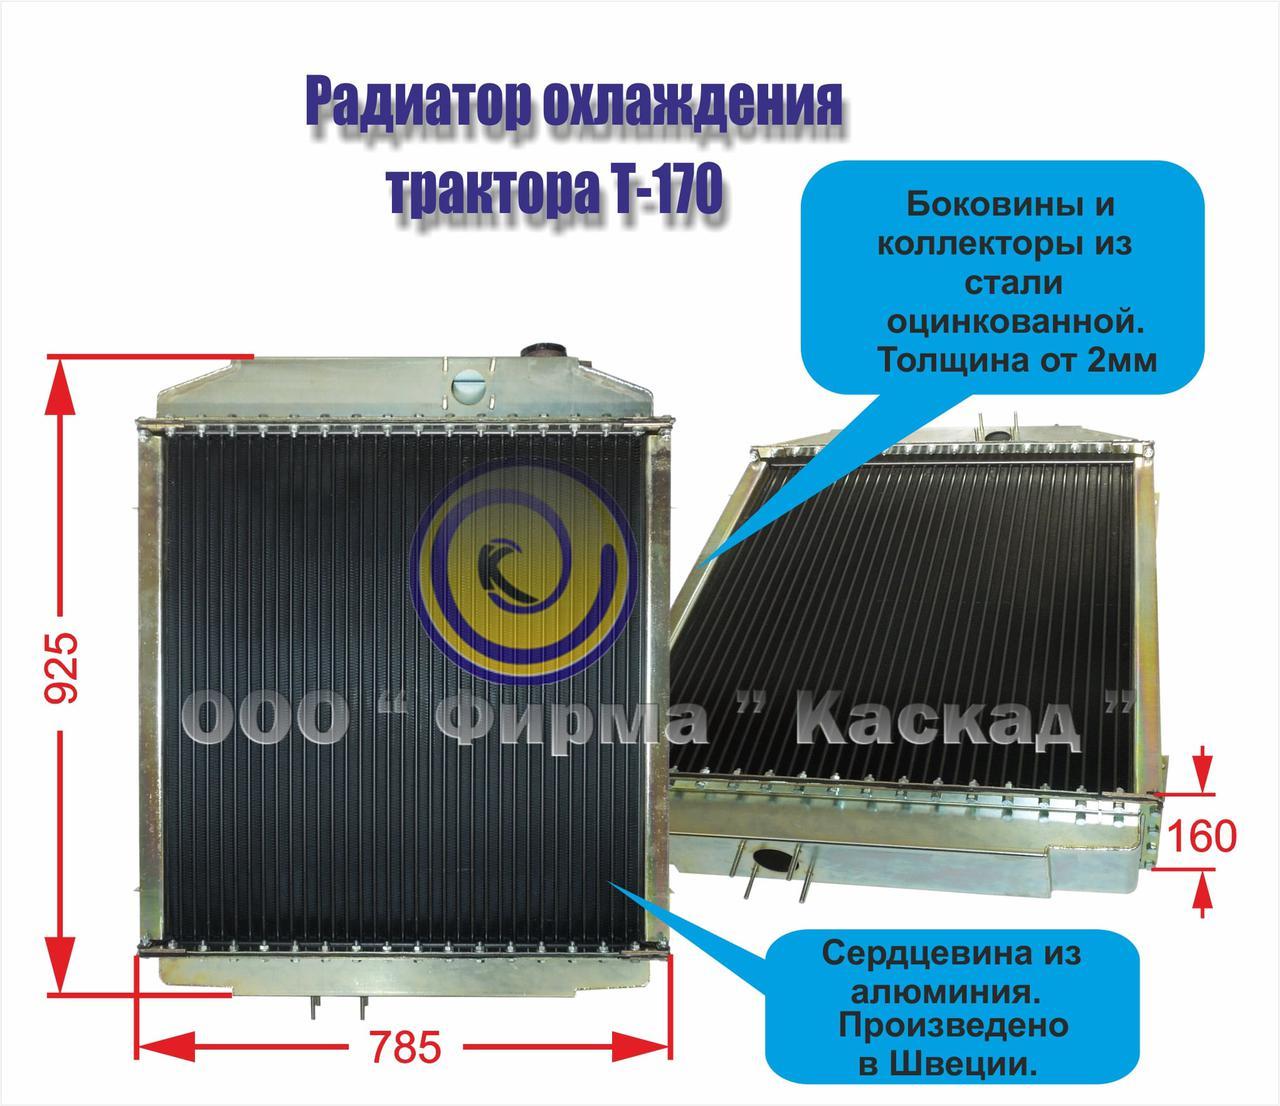 РАДИАТОР ОХЛАЖДЕНИЯ ТРАКТОРА Т-170